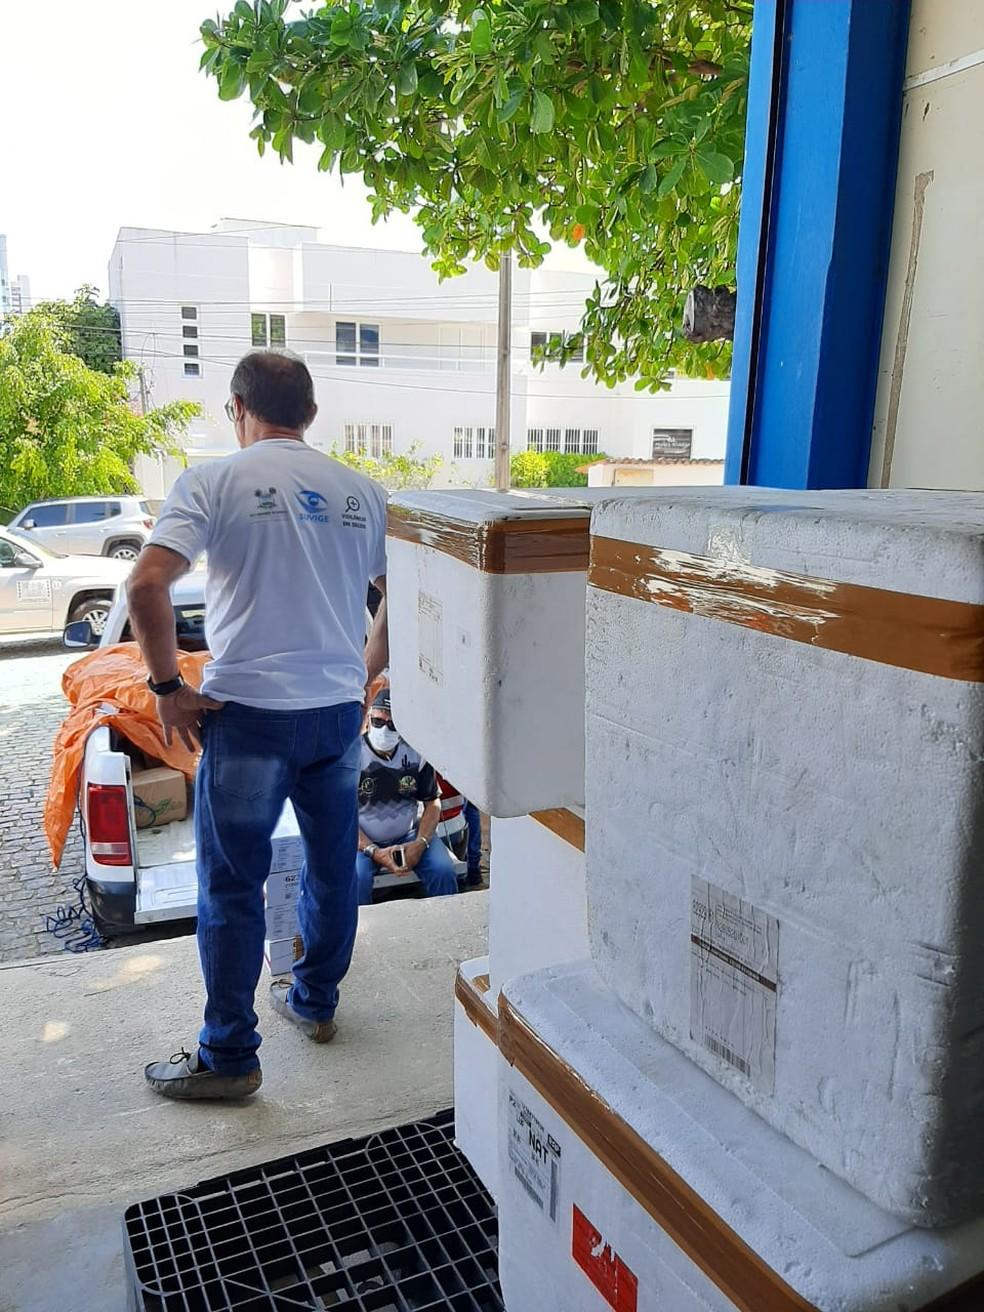 Primeiro lote de vacinas para dose de reforço é distribuído aos municípios potiguares — Foto: Divulgação